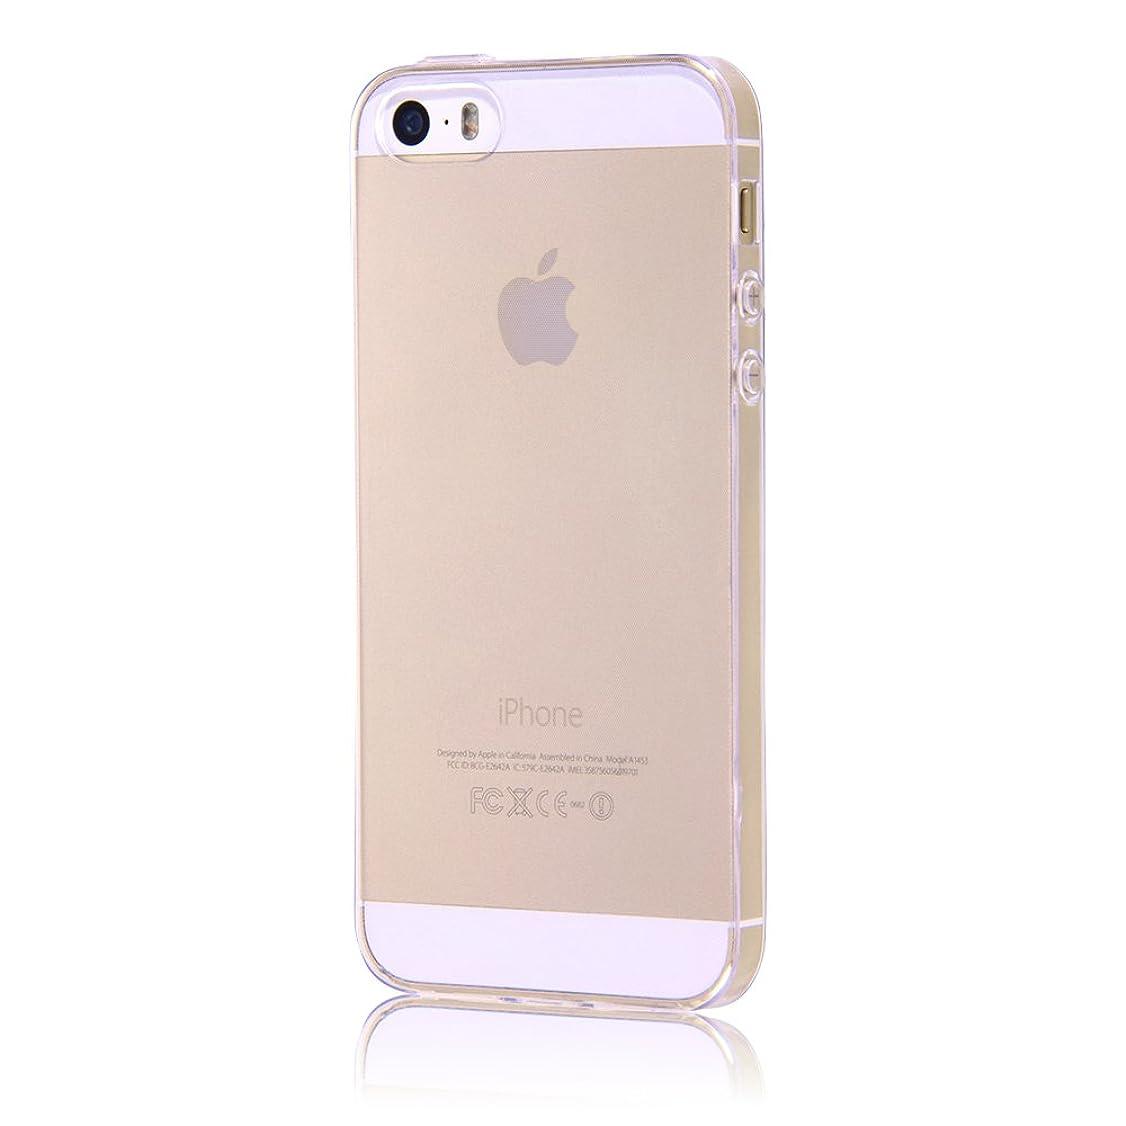 知覚する効果的知り合いになるレイ?アウト iPhone SE / iPhone5s / iPhone5 ケース TPUソフトケース 極薄 クリア RT-P11TC7/CM